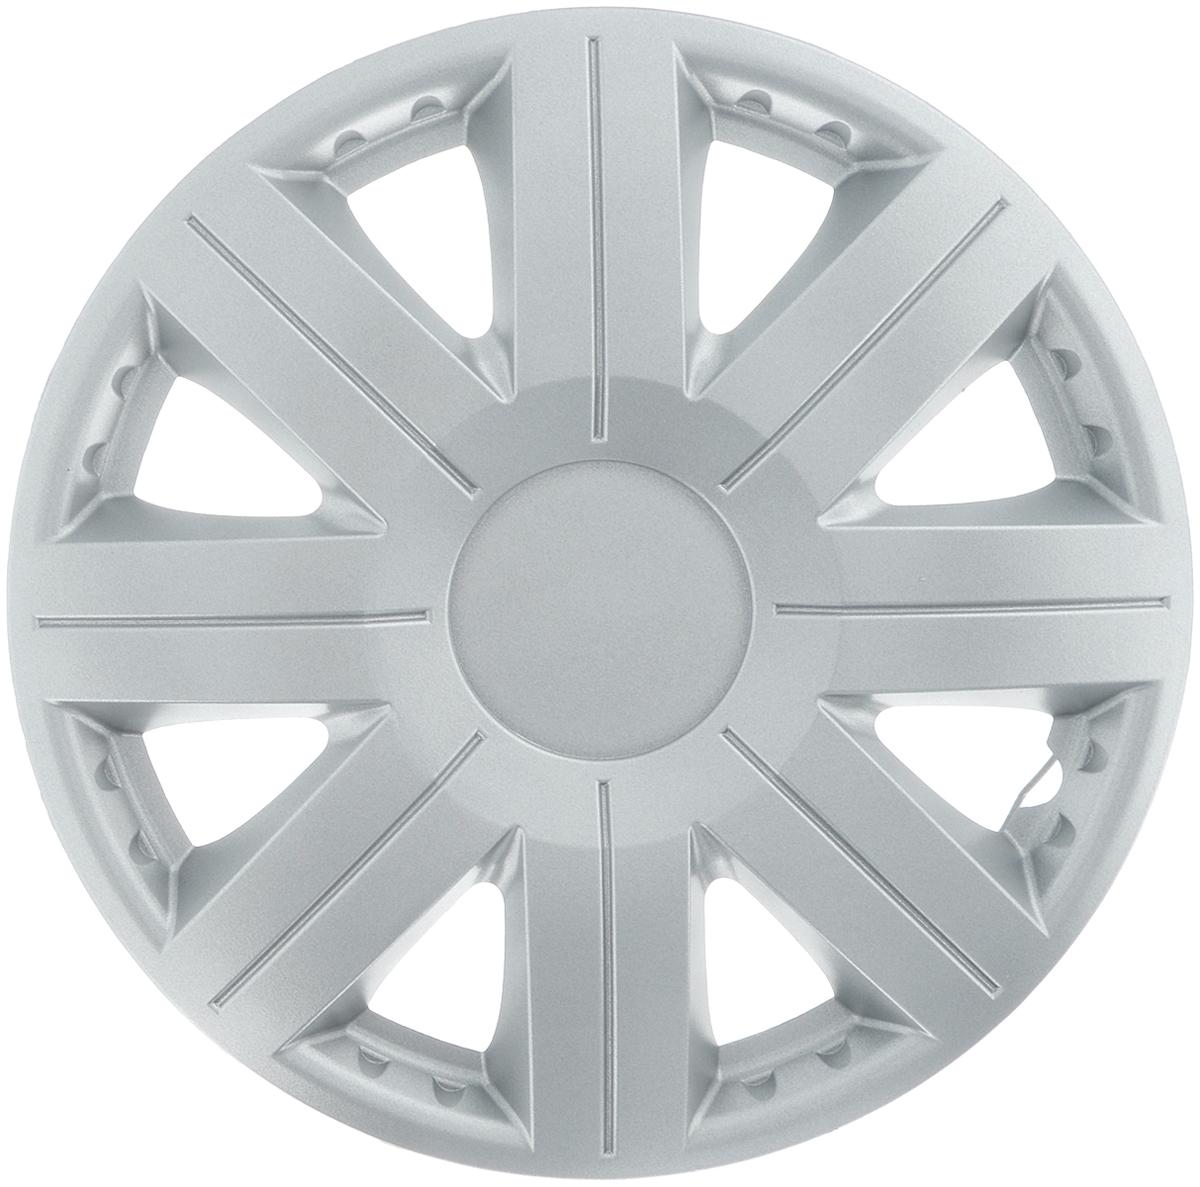 Колпак защитный Phantom Космос, R13 , декоративный, 1 шт. PH5757PH5757Колпак Phantom Космос предназначен для защиты колесного диска и тормозной системы от загрязнений, а также для декоративного украшения автомобиля. Колпак изготовлен из высококачественного масло- бензостойкого пластика, а крепление в виде распорного кольца - из металла. Размер колеса: R13. Диаметр колпака: 37 см.